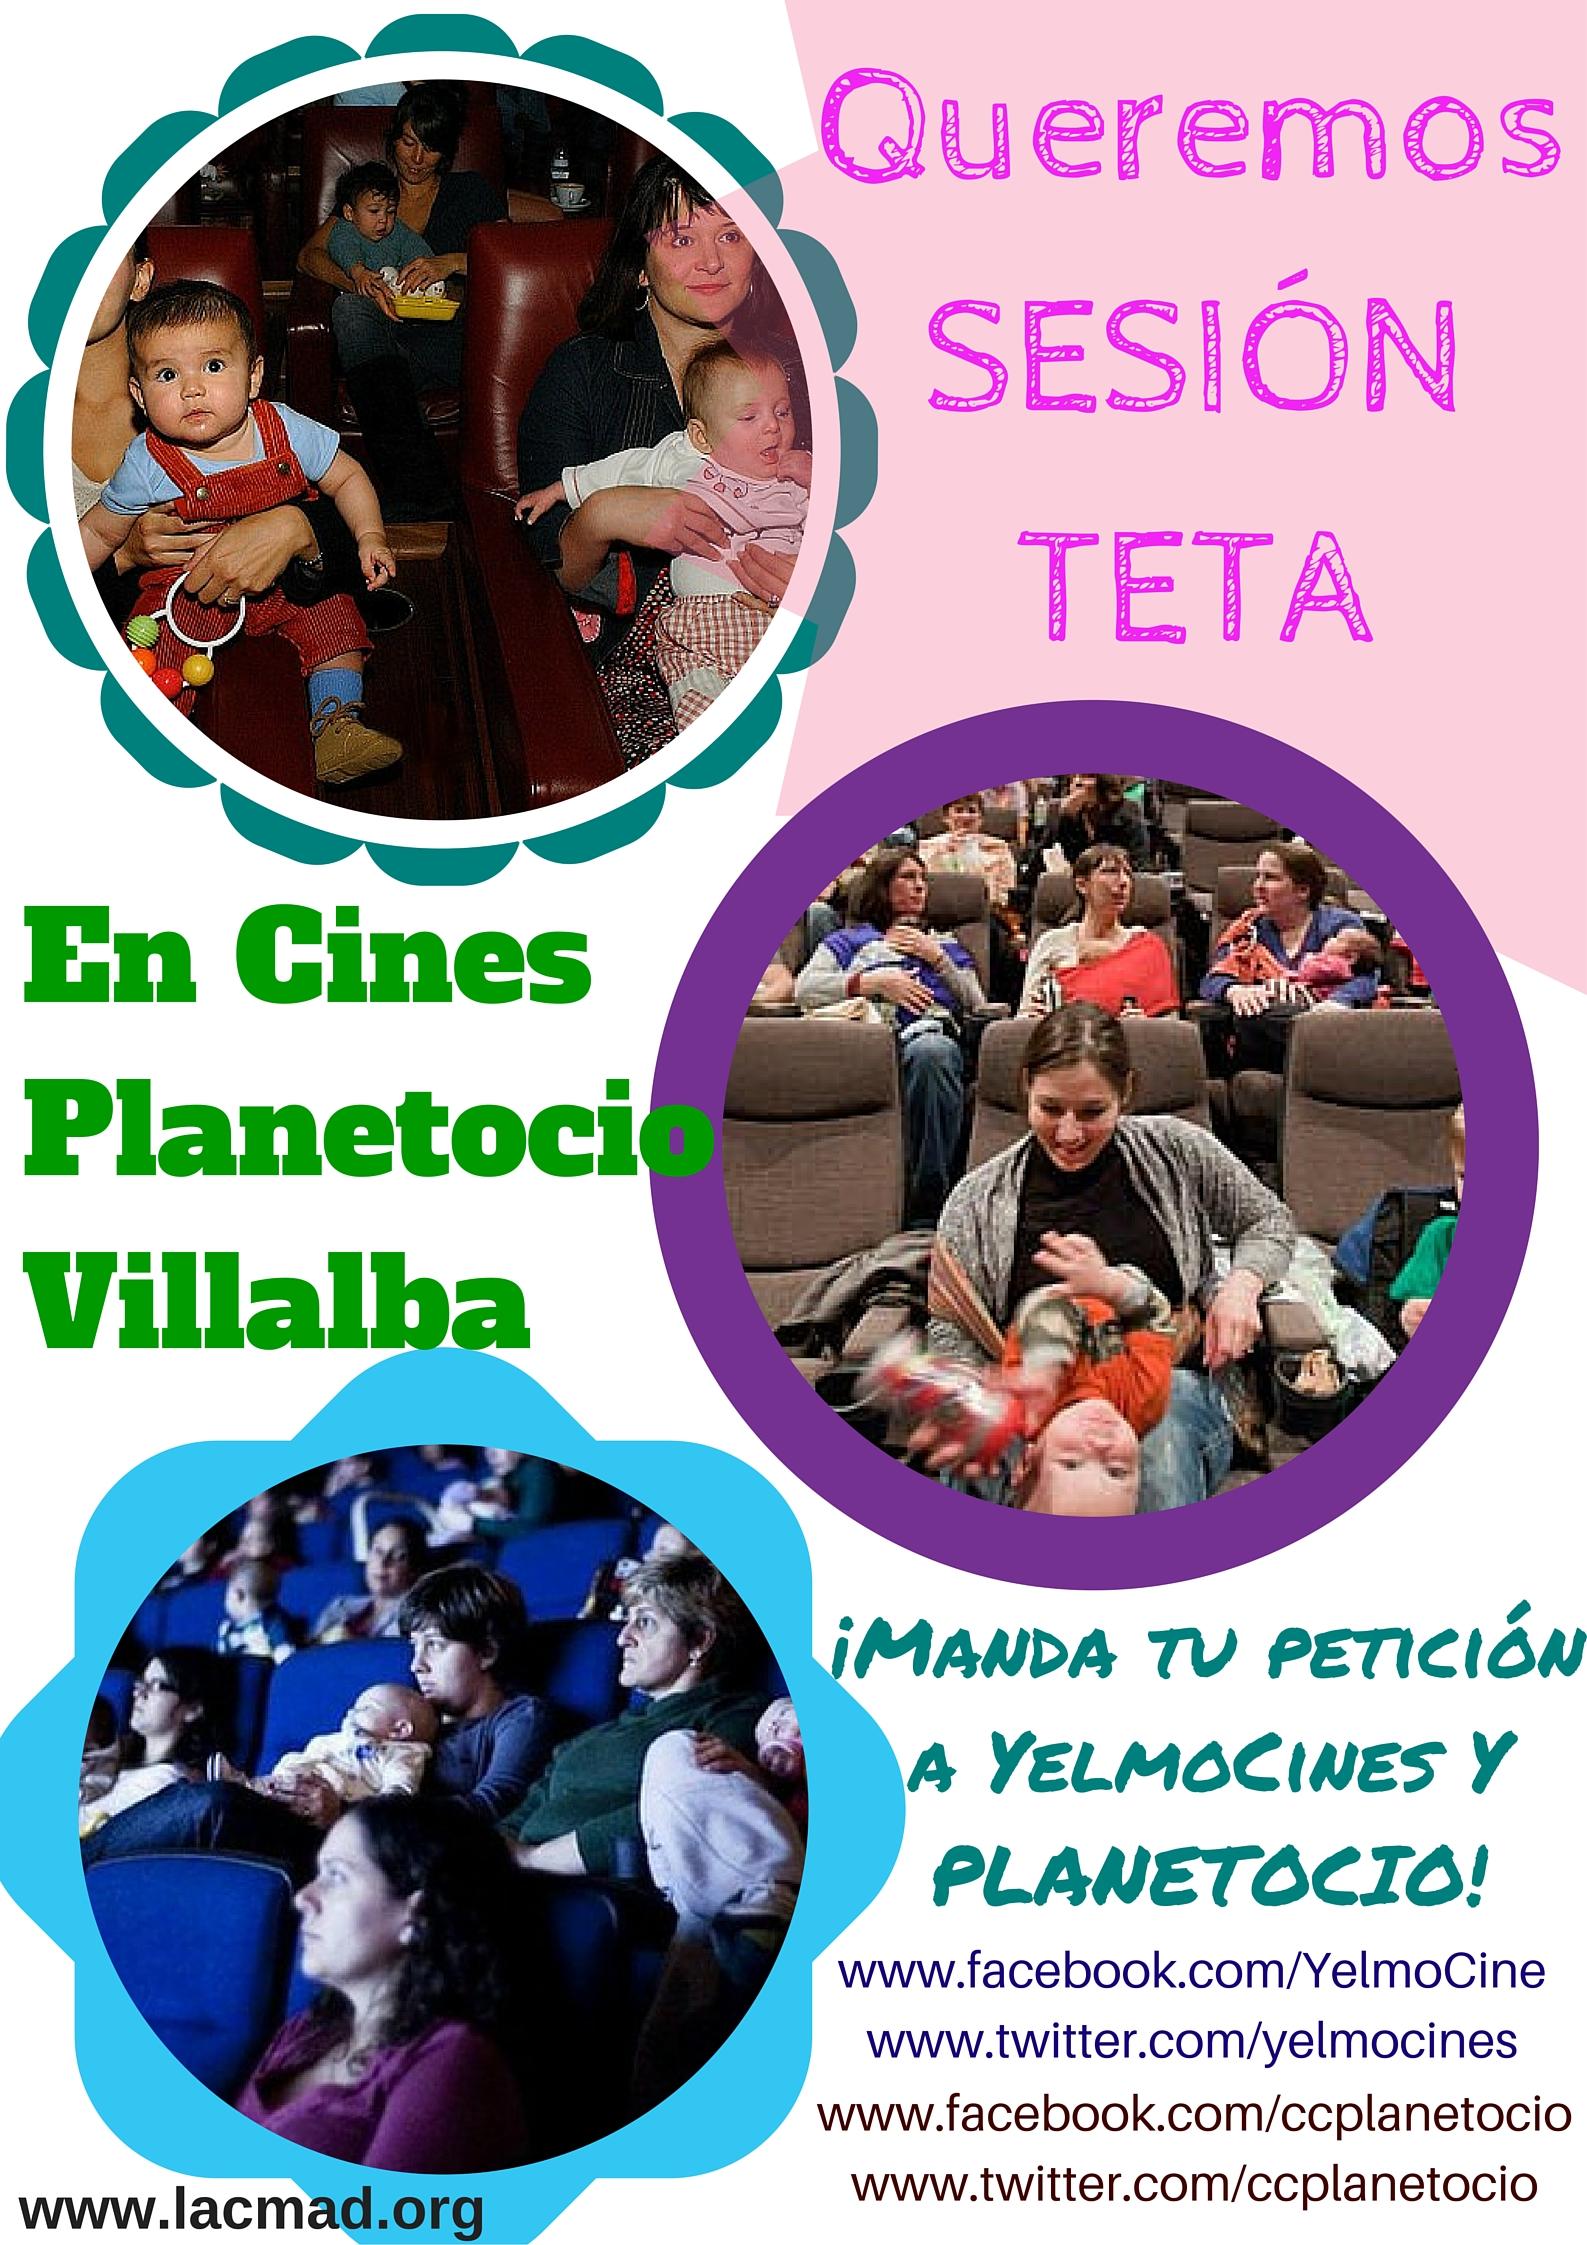 Sesión Teta Planetocio Villalba